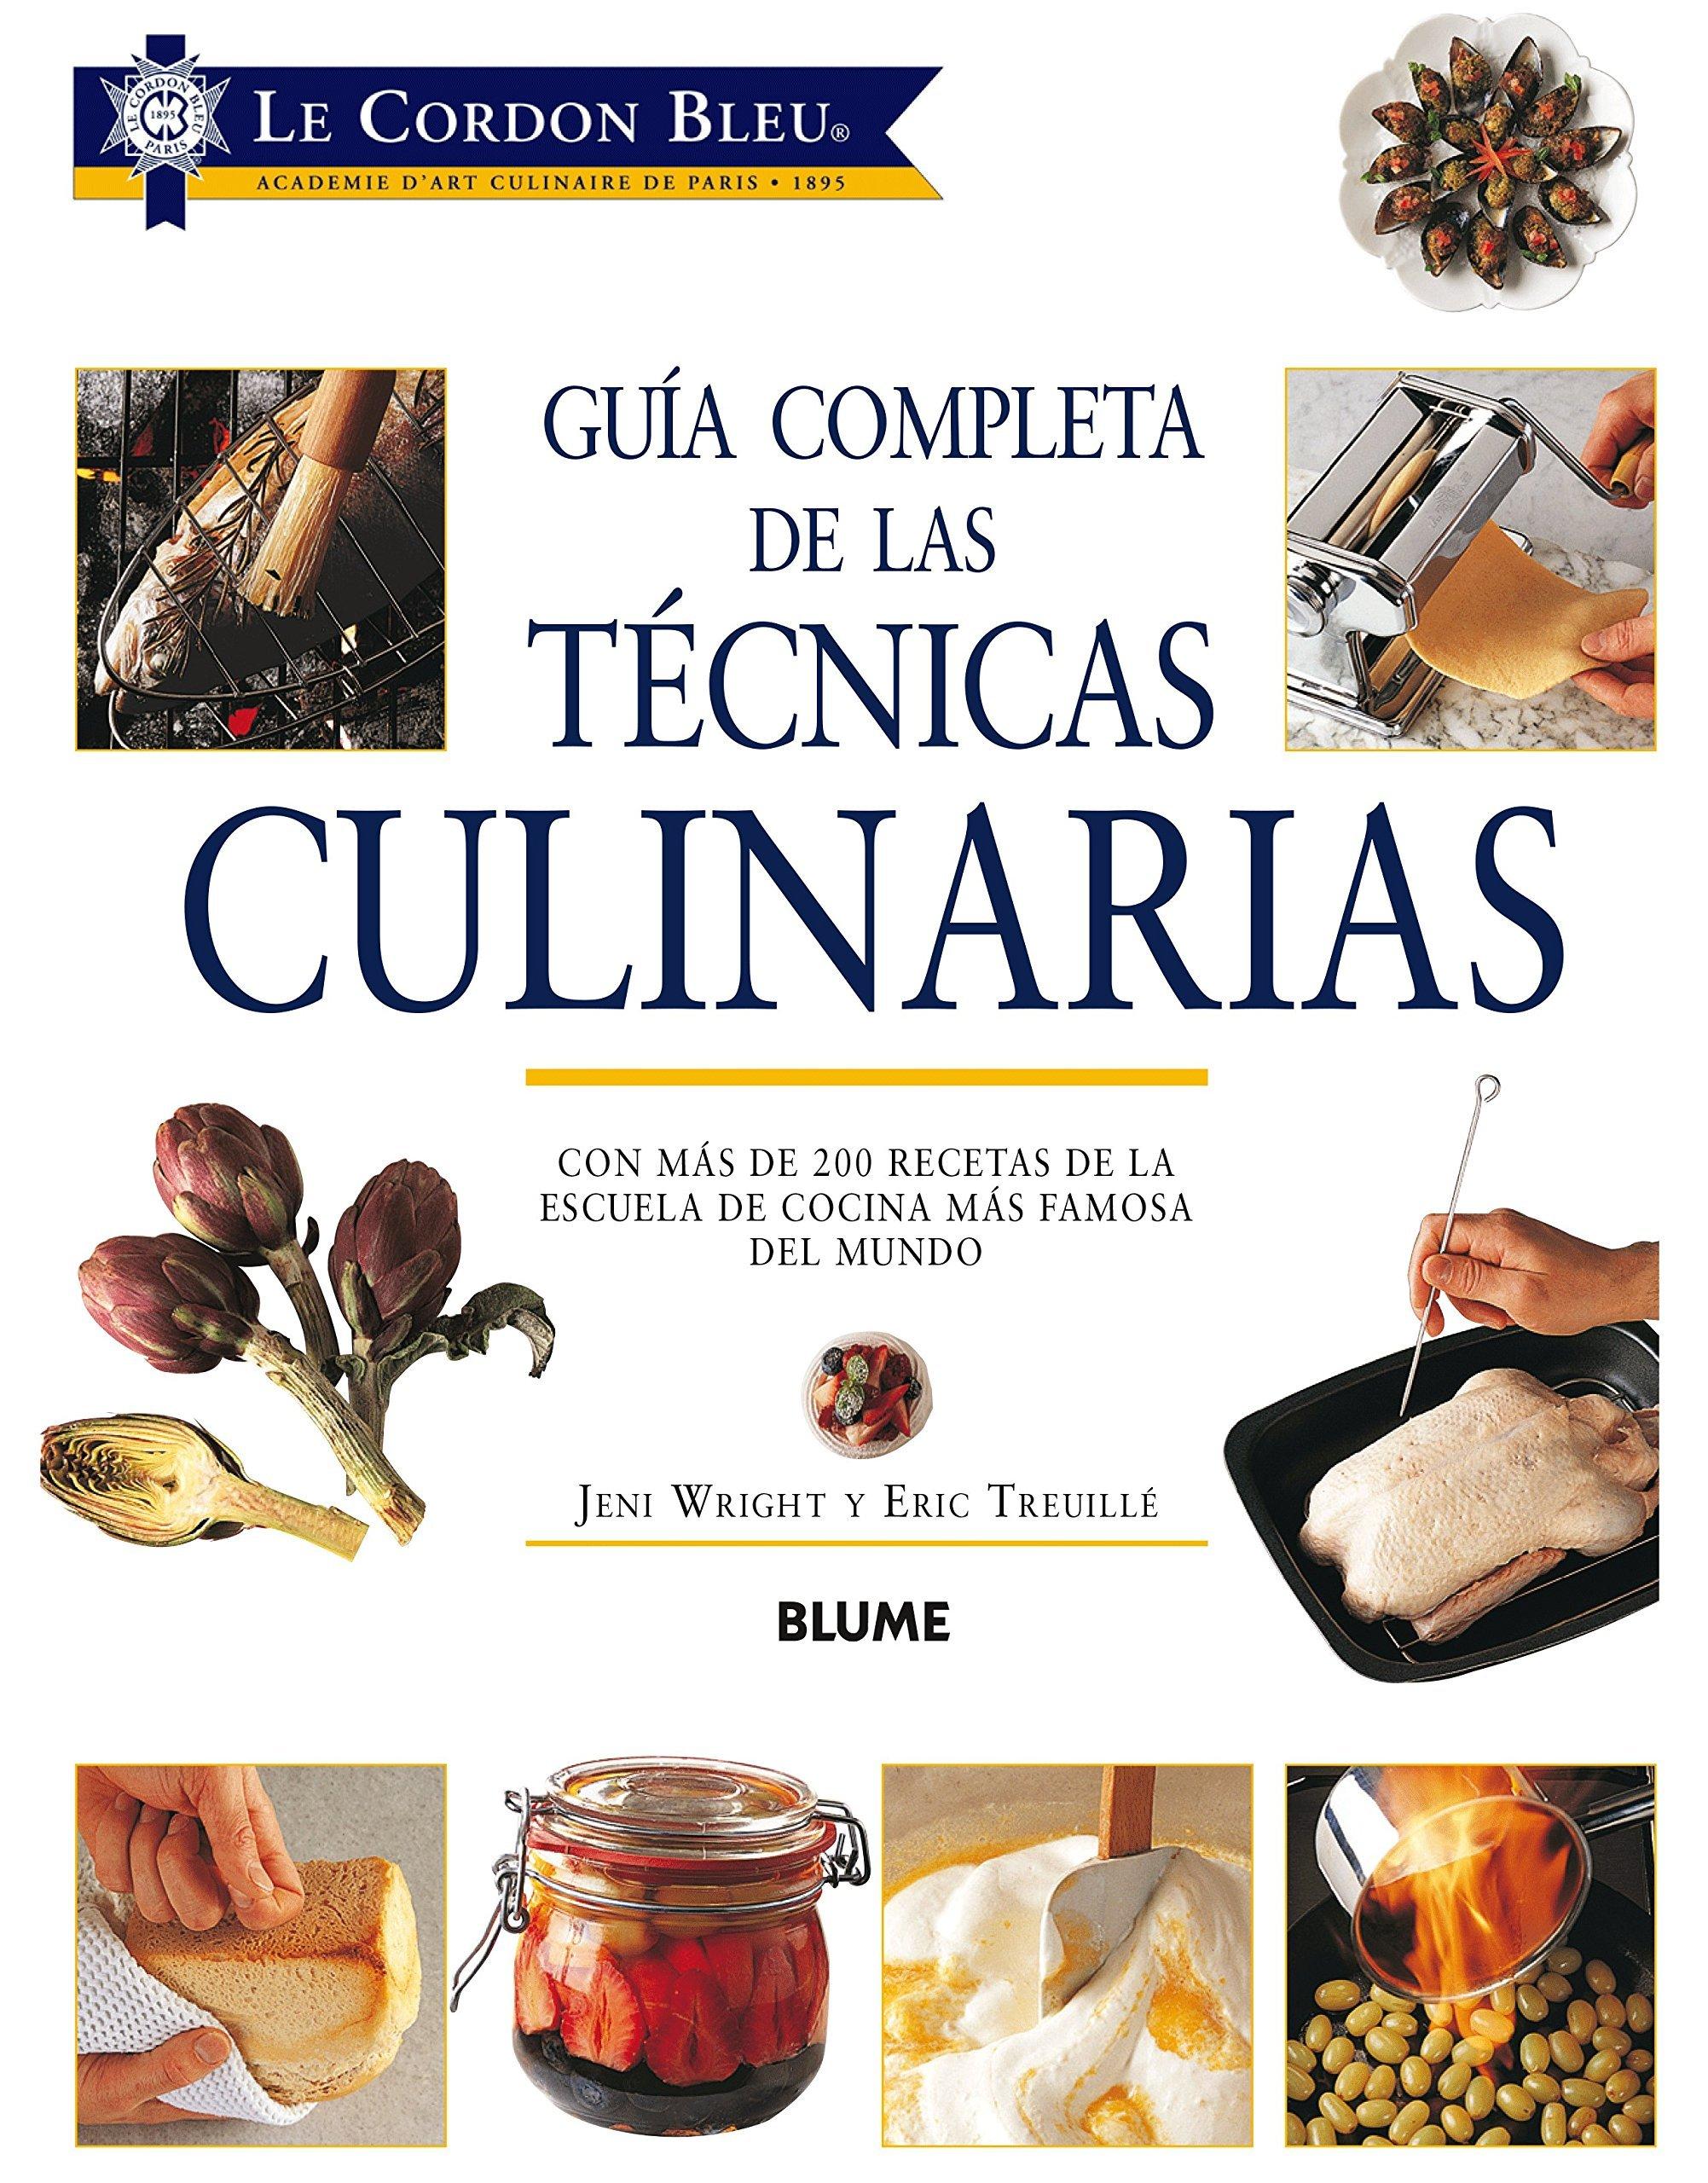 Guía completa de las técnicas culinarias (Jenny Wright y Eric Treuillé).